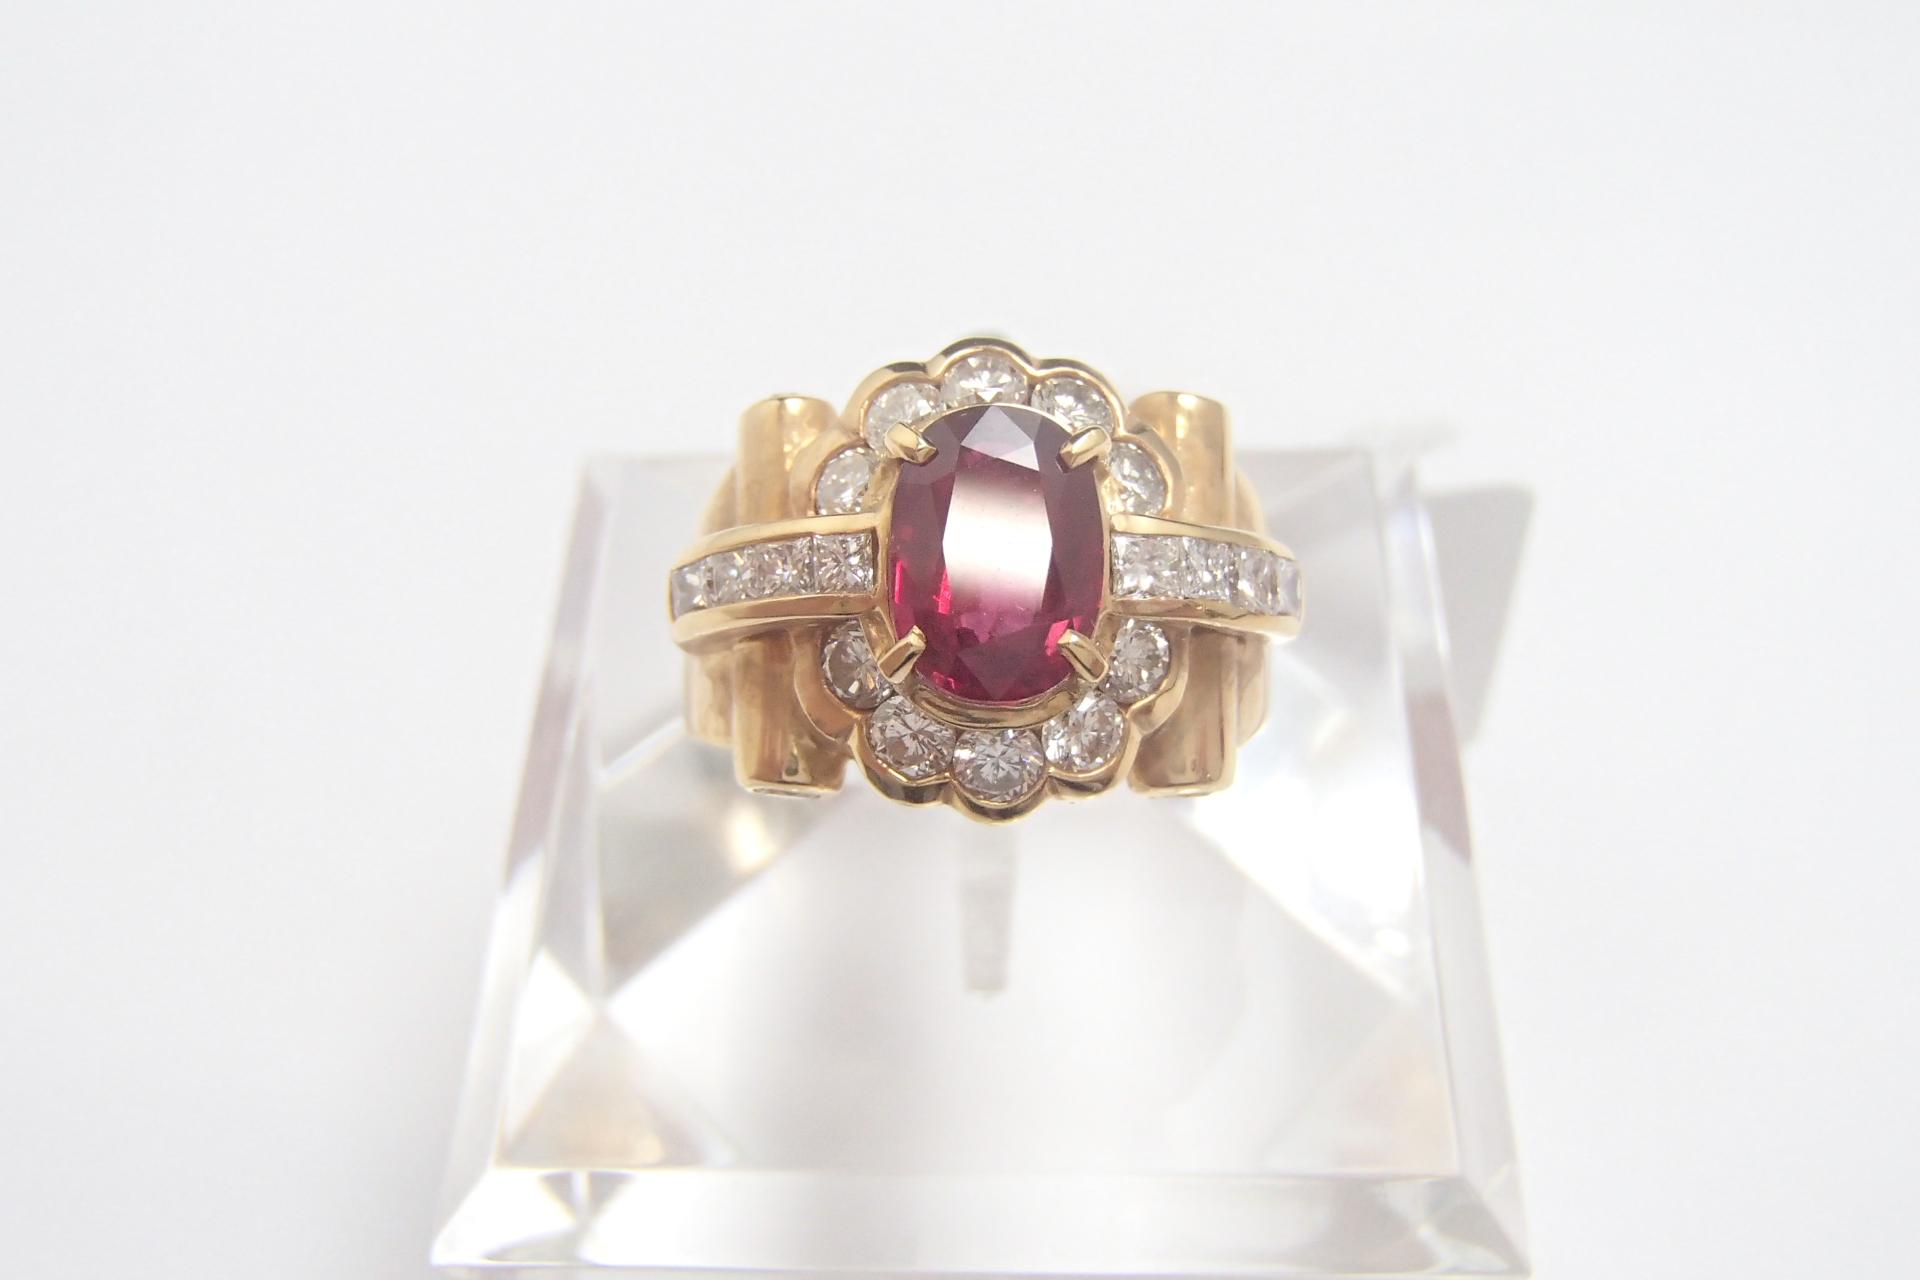 金の売り時はいつ? 指輪やネックレスはどのようなものが高く売れる?